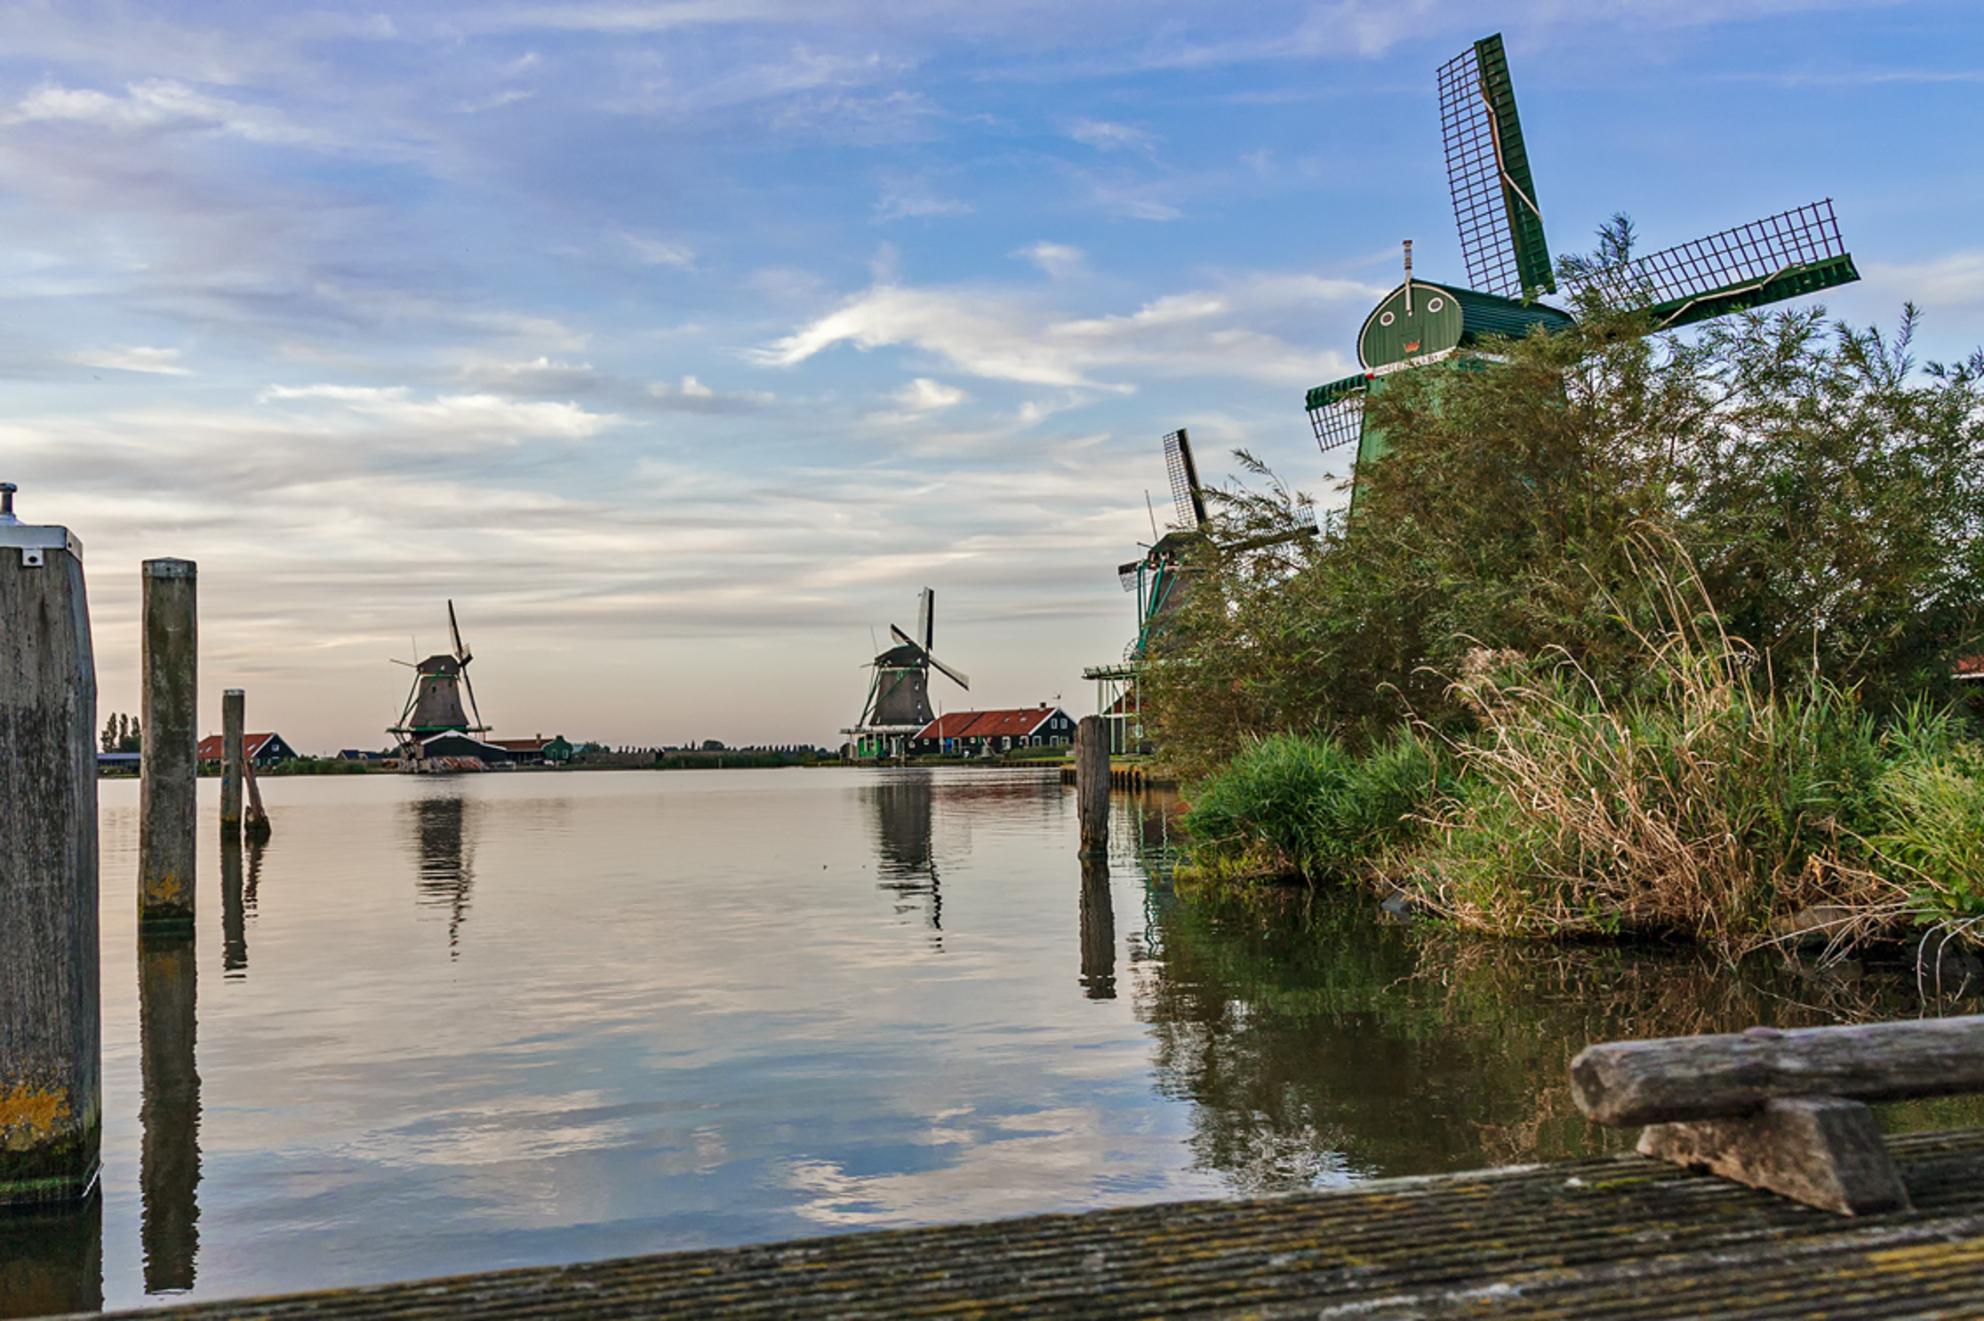 Windmills Of Your Mind - Zaanse Schans gr.Rob  Toepasselijk stuk muziek van: STING - Windmills Of Your Mind  [url]https://www.youtube.com/watch?v=9S9GNBc46-4/[/url] - foto door RobNagelhout op 14-02-2021 - deze foto bevat: lucht, wolken, water, dijk, natuur, licht, boot, landschap, bomen, meer, pier, molen, polder - Deze foto mag gebruikt worden in een Zoom.nl publicatie